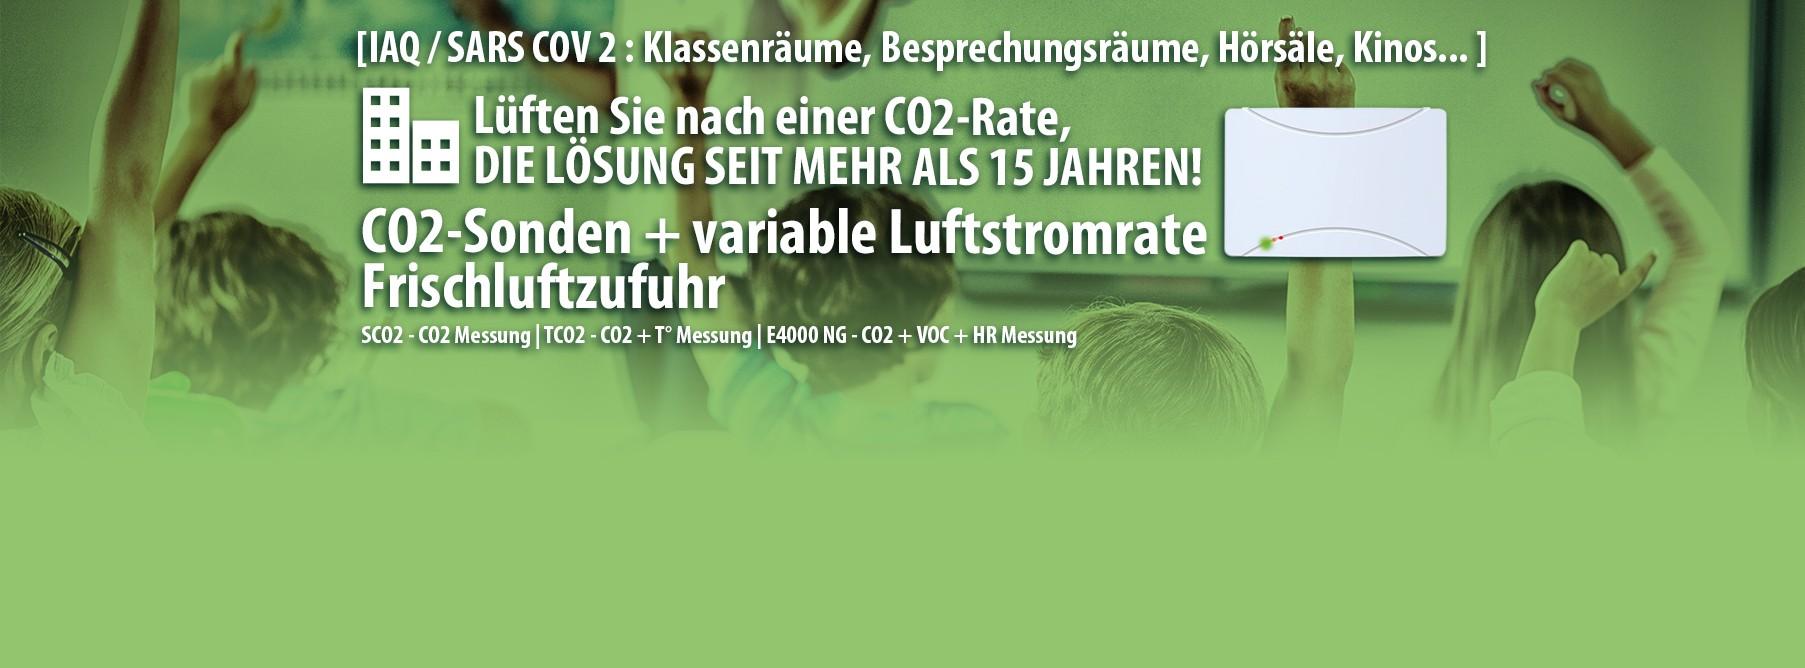 Lüften Sie nach einer CO2-Rate